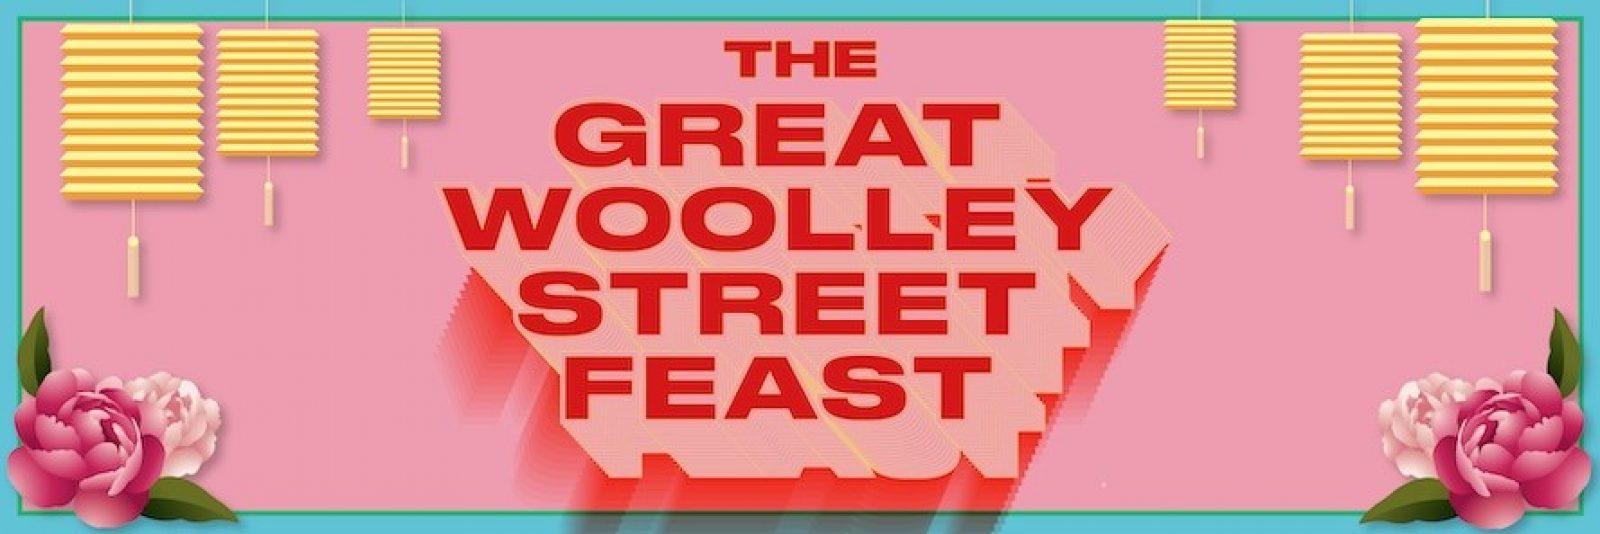 Great Woolley Street Feast